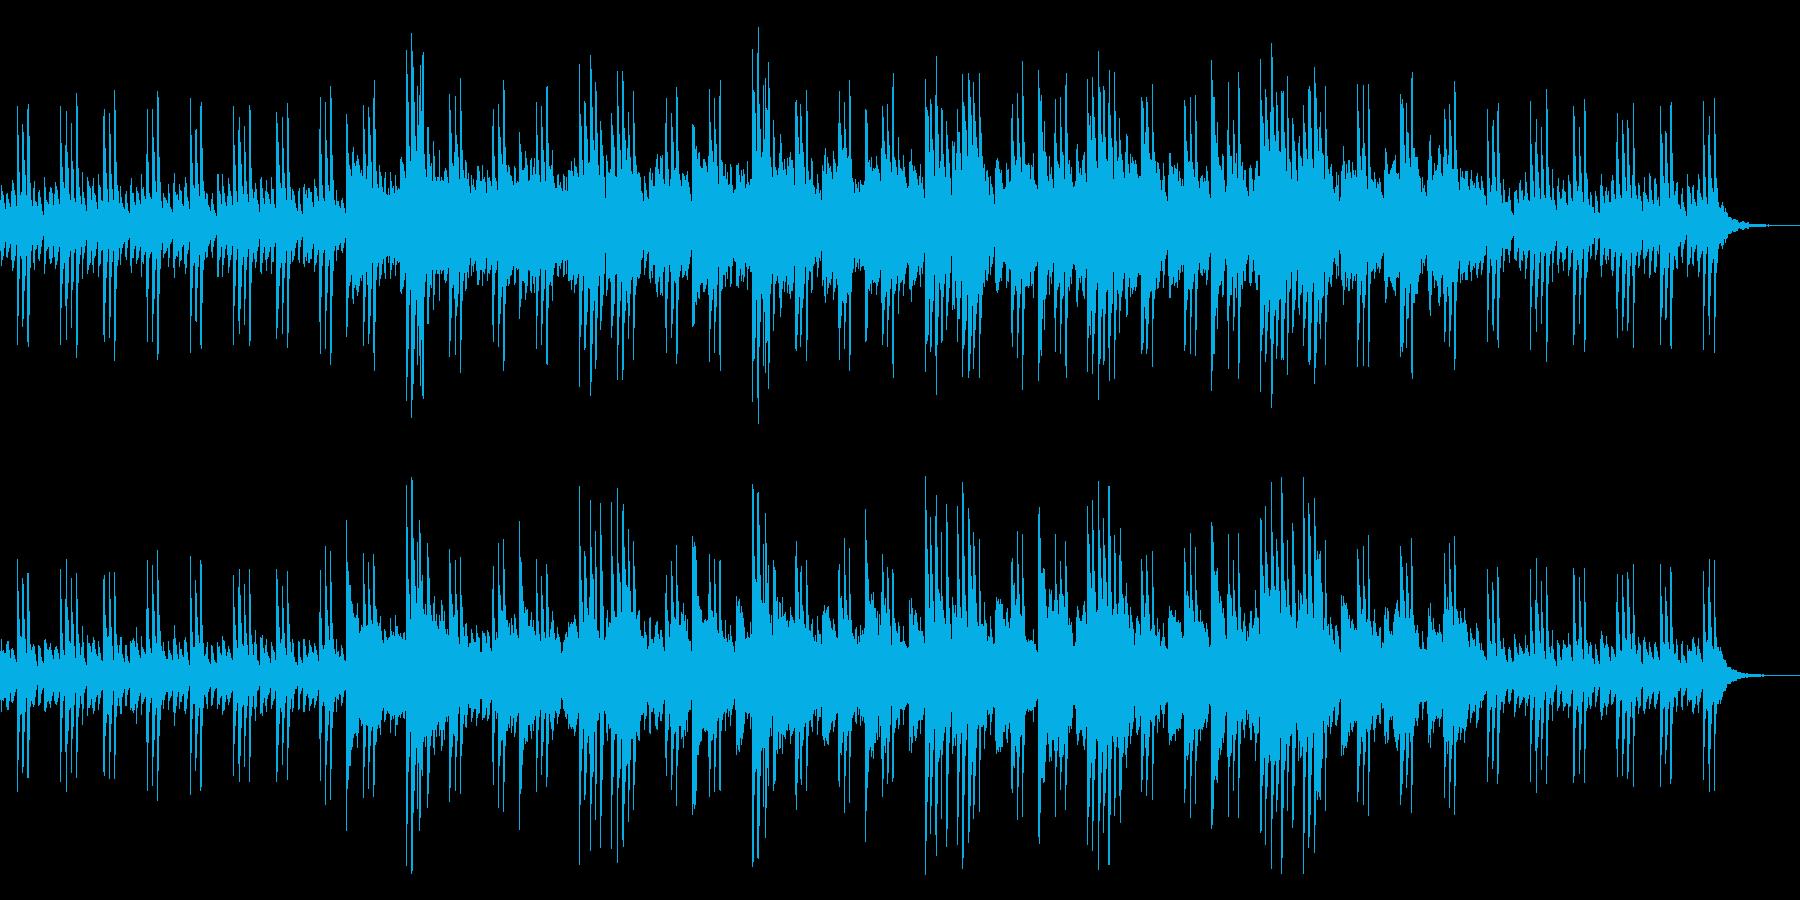 ゆったりとした癒しのリラックスBGMの再生済みの波形